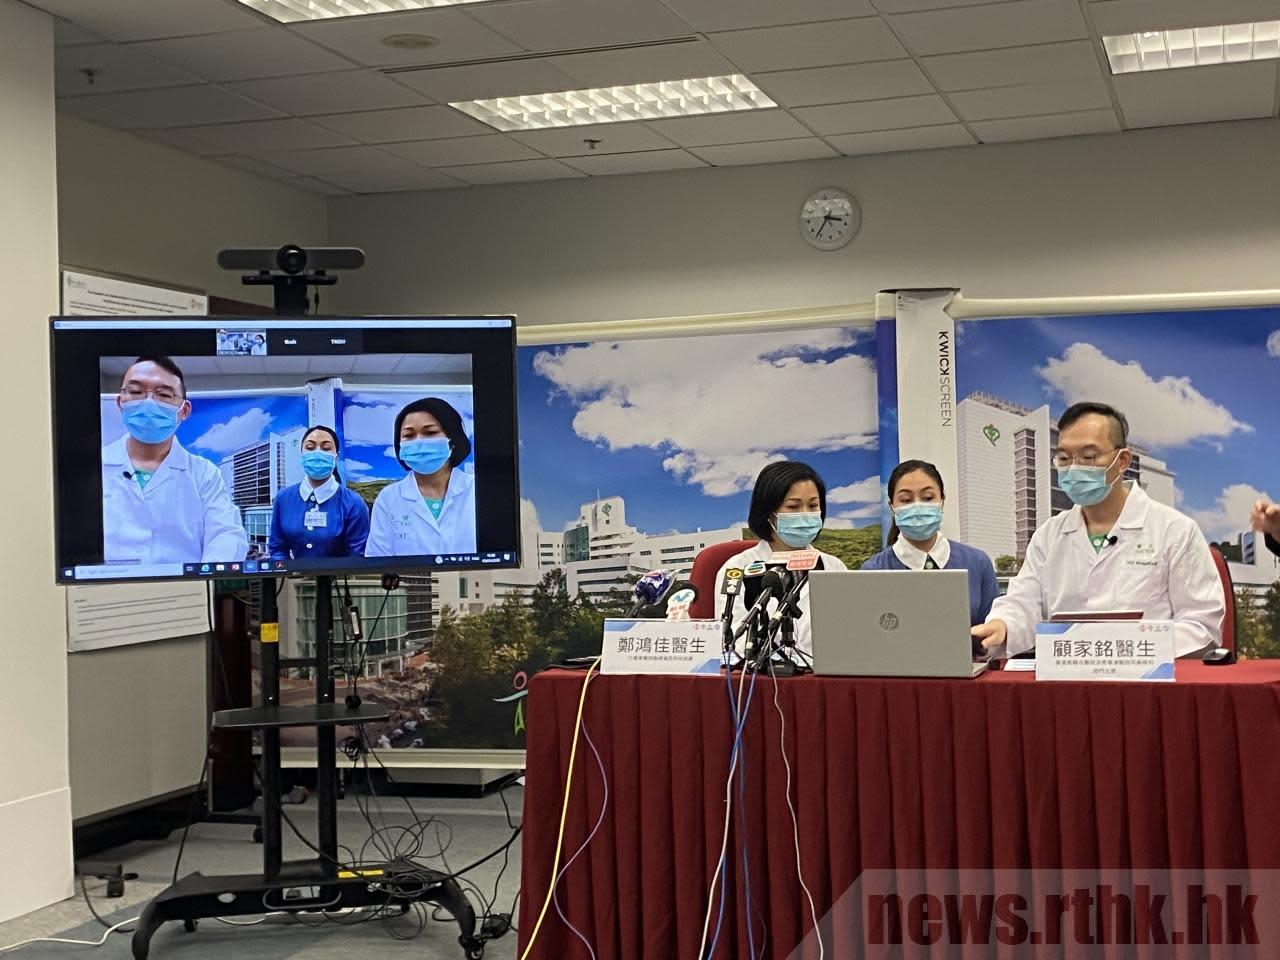 九龍東醫院聯網推出視像診症 32病人曾接受新服務